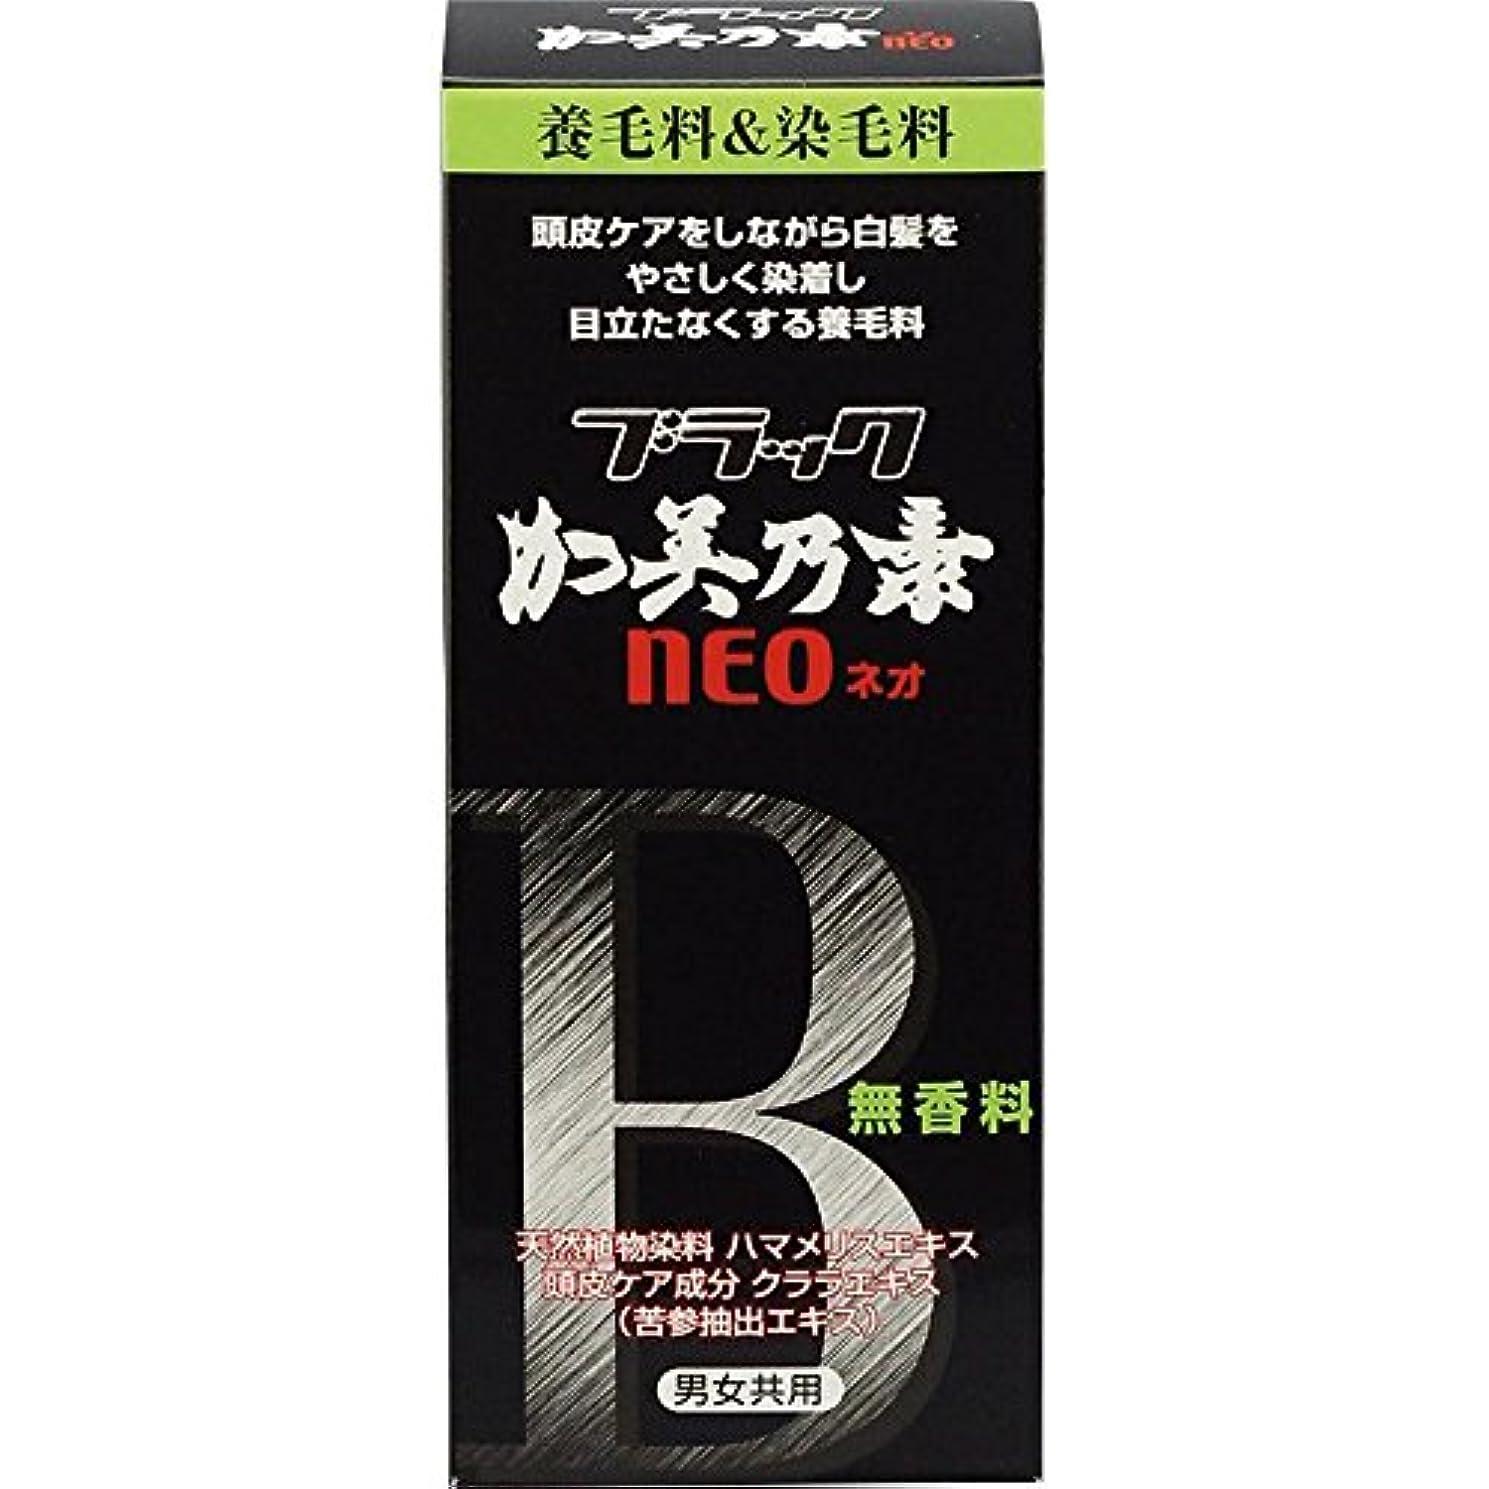 見分けるペグワーディアンケースブラック加美乃素NEO 無香料 150mL